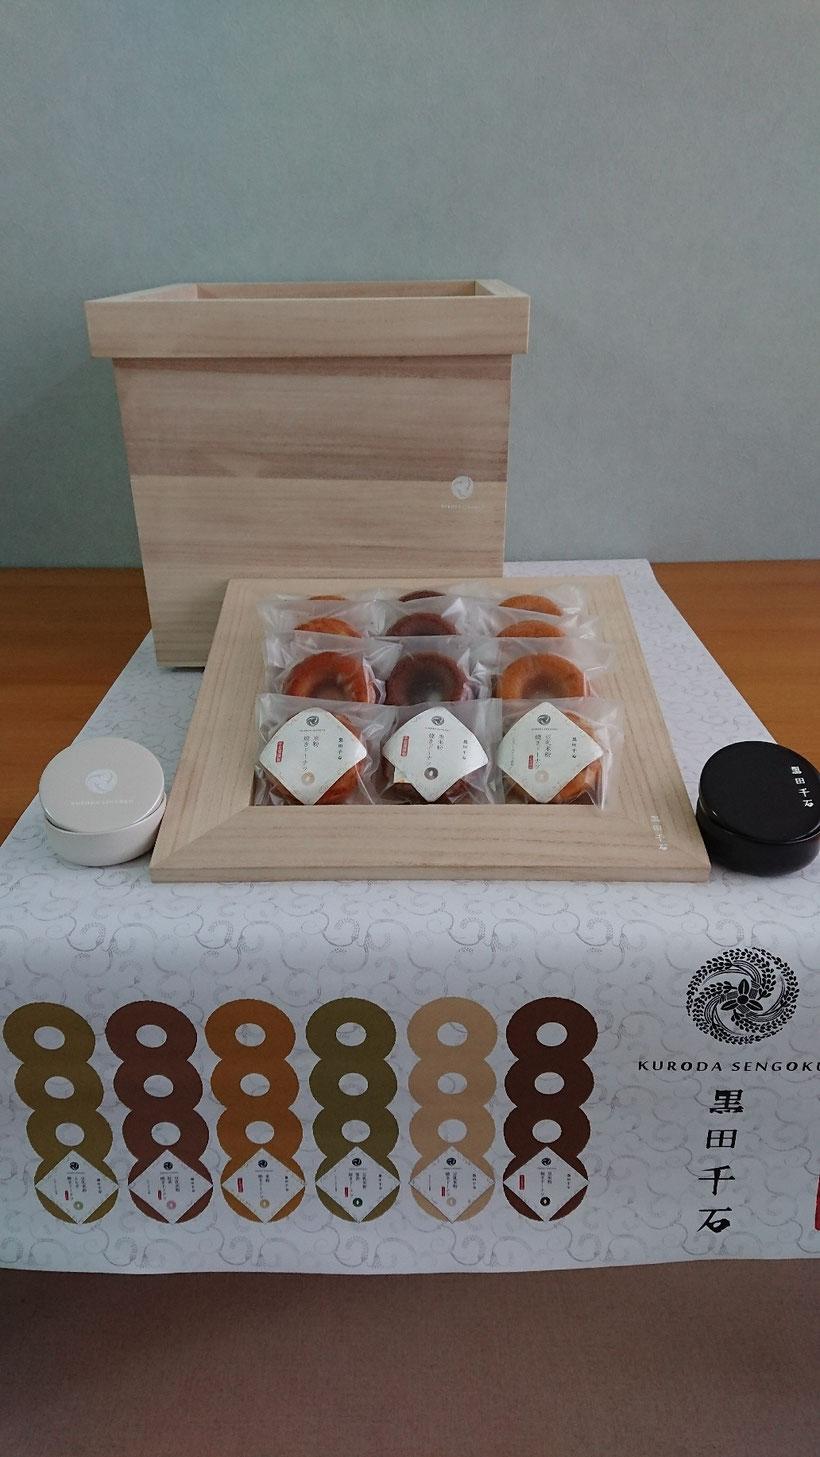 「第19回福岡デザインアワード」入賞受賞。お米の焼菓子ギフトシリーズです。